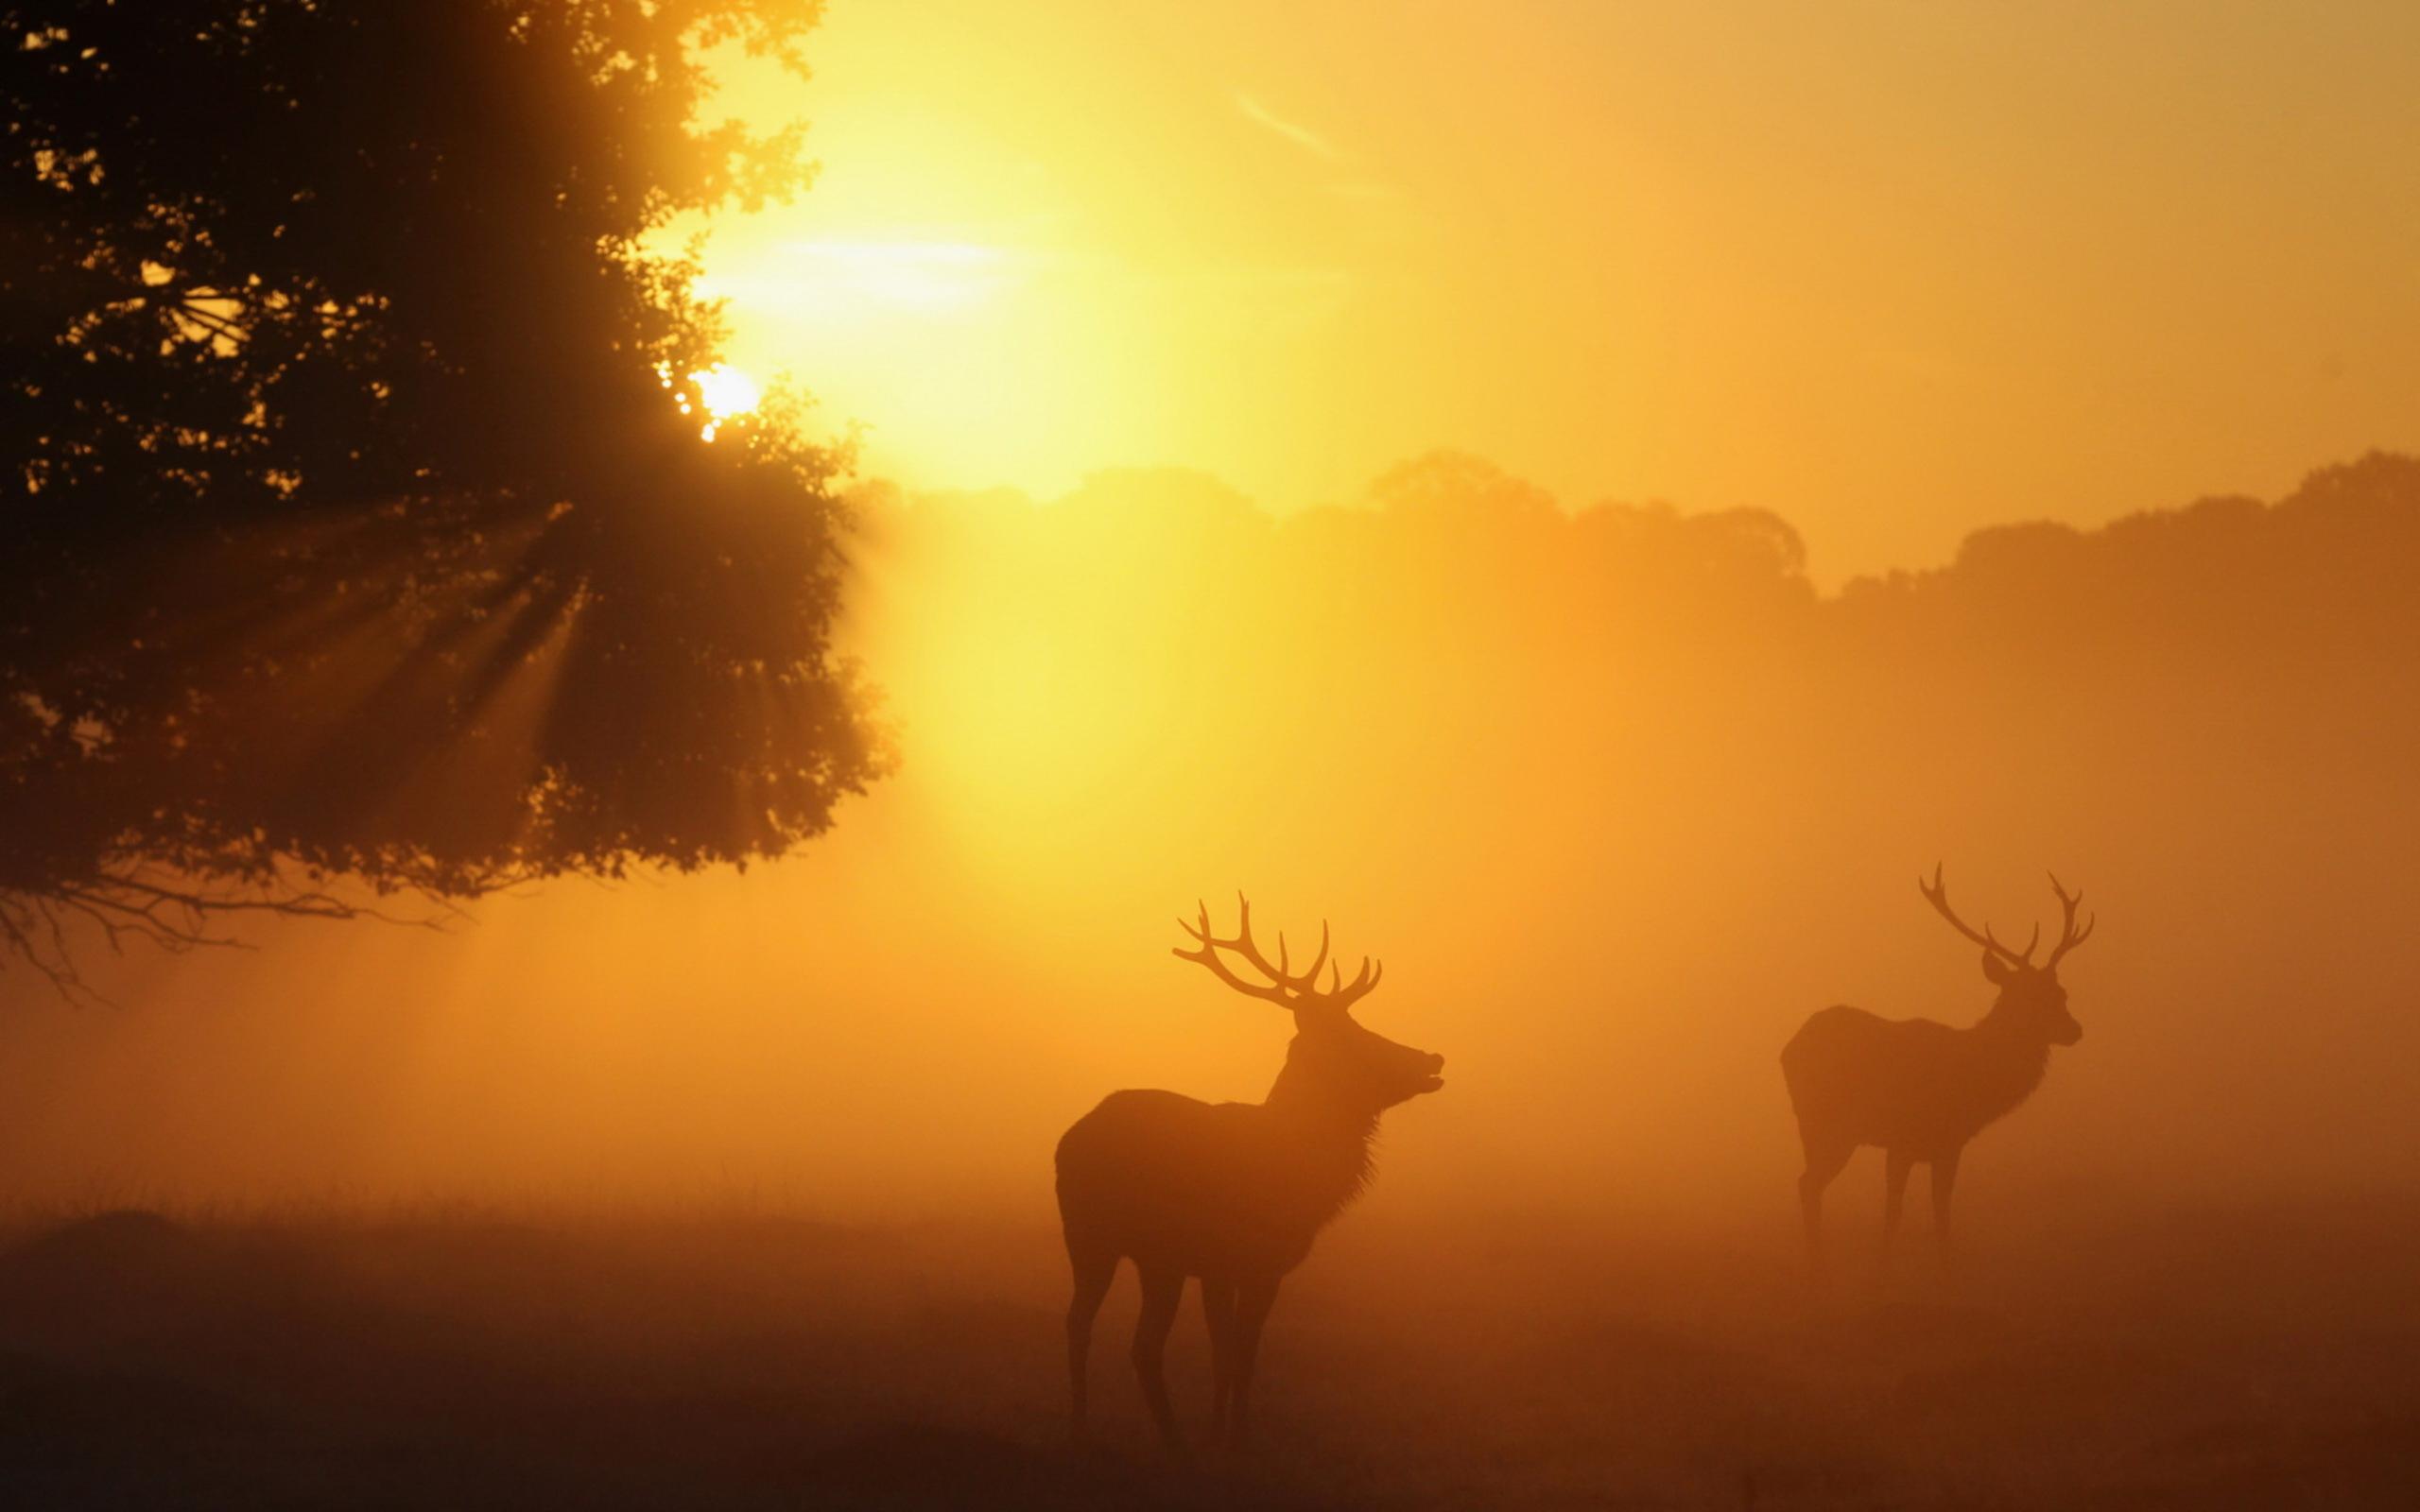 deer wallpaper free download